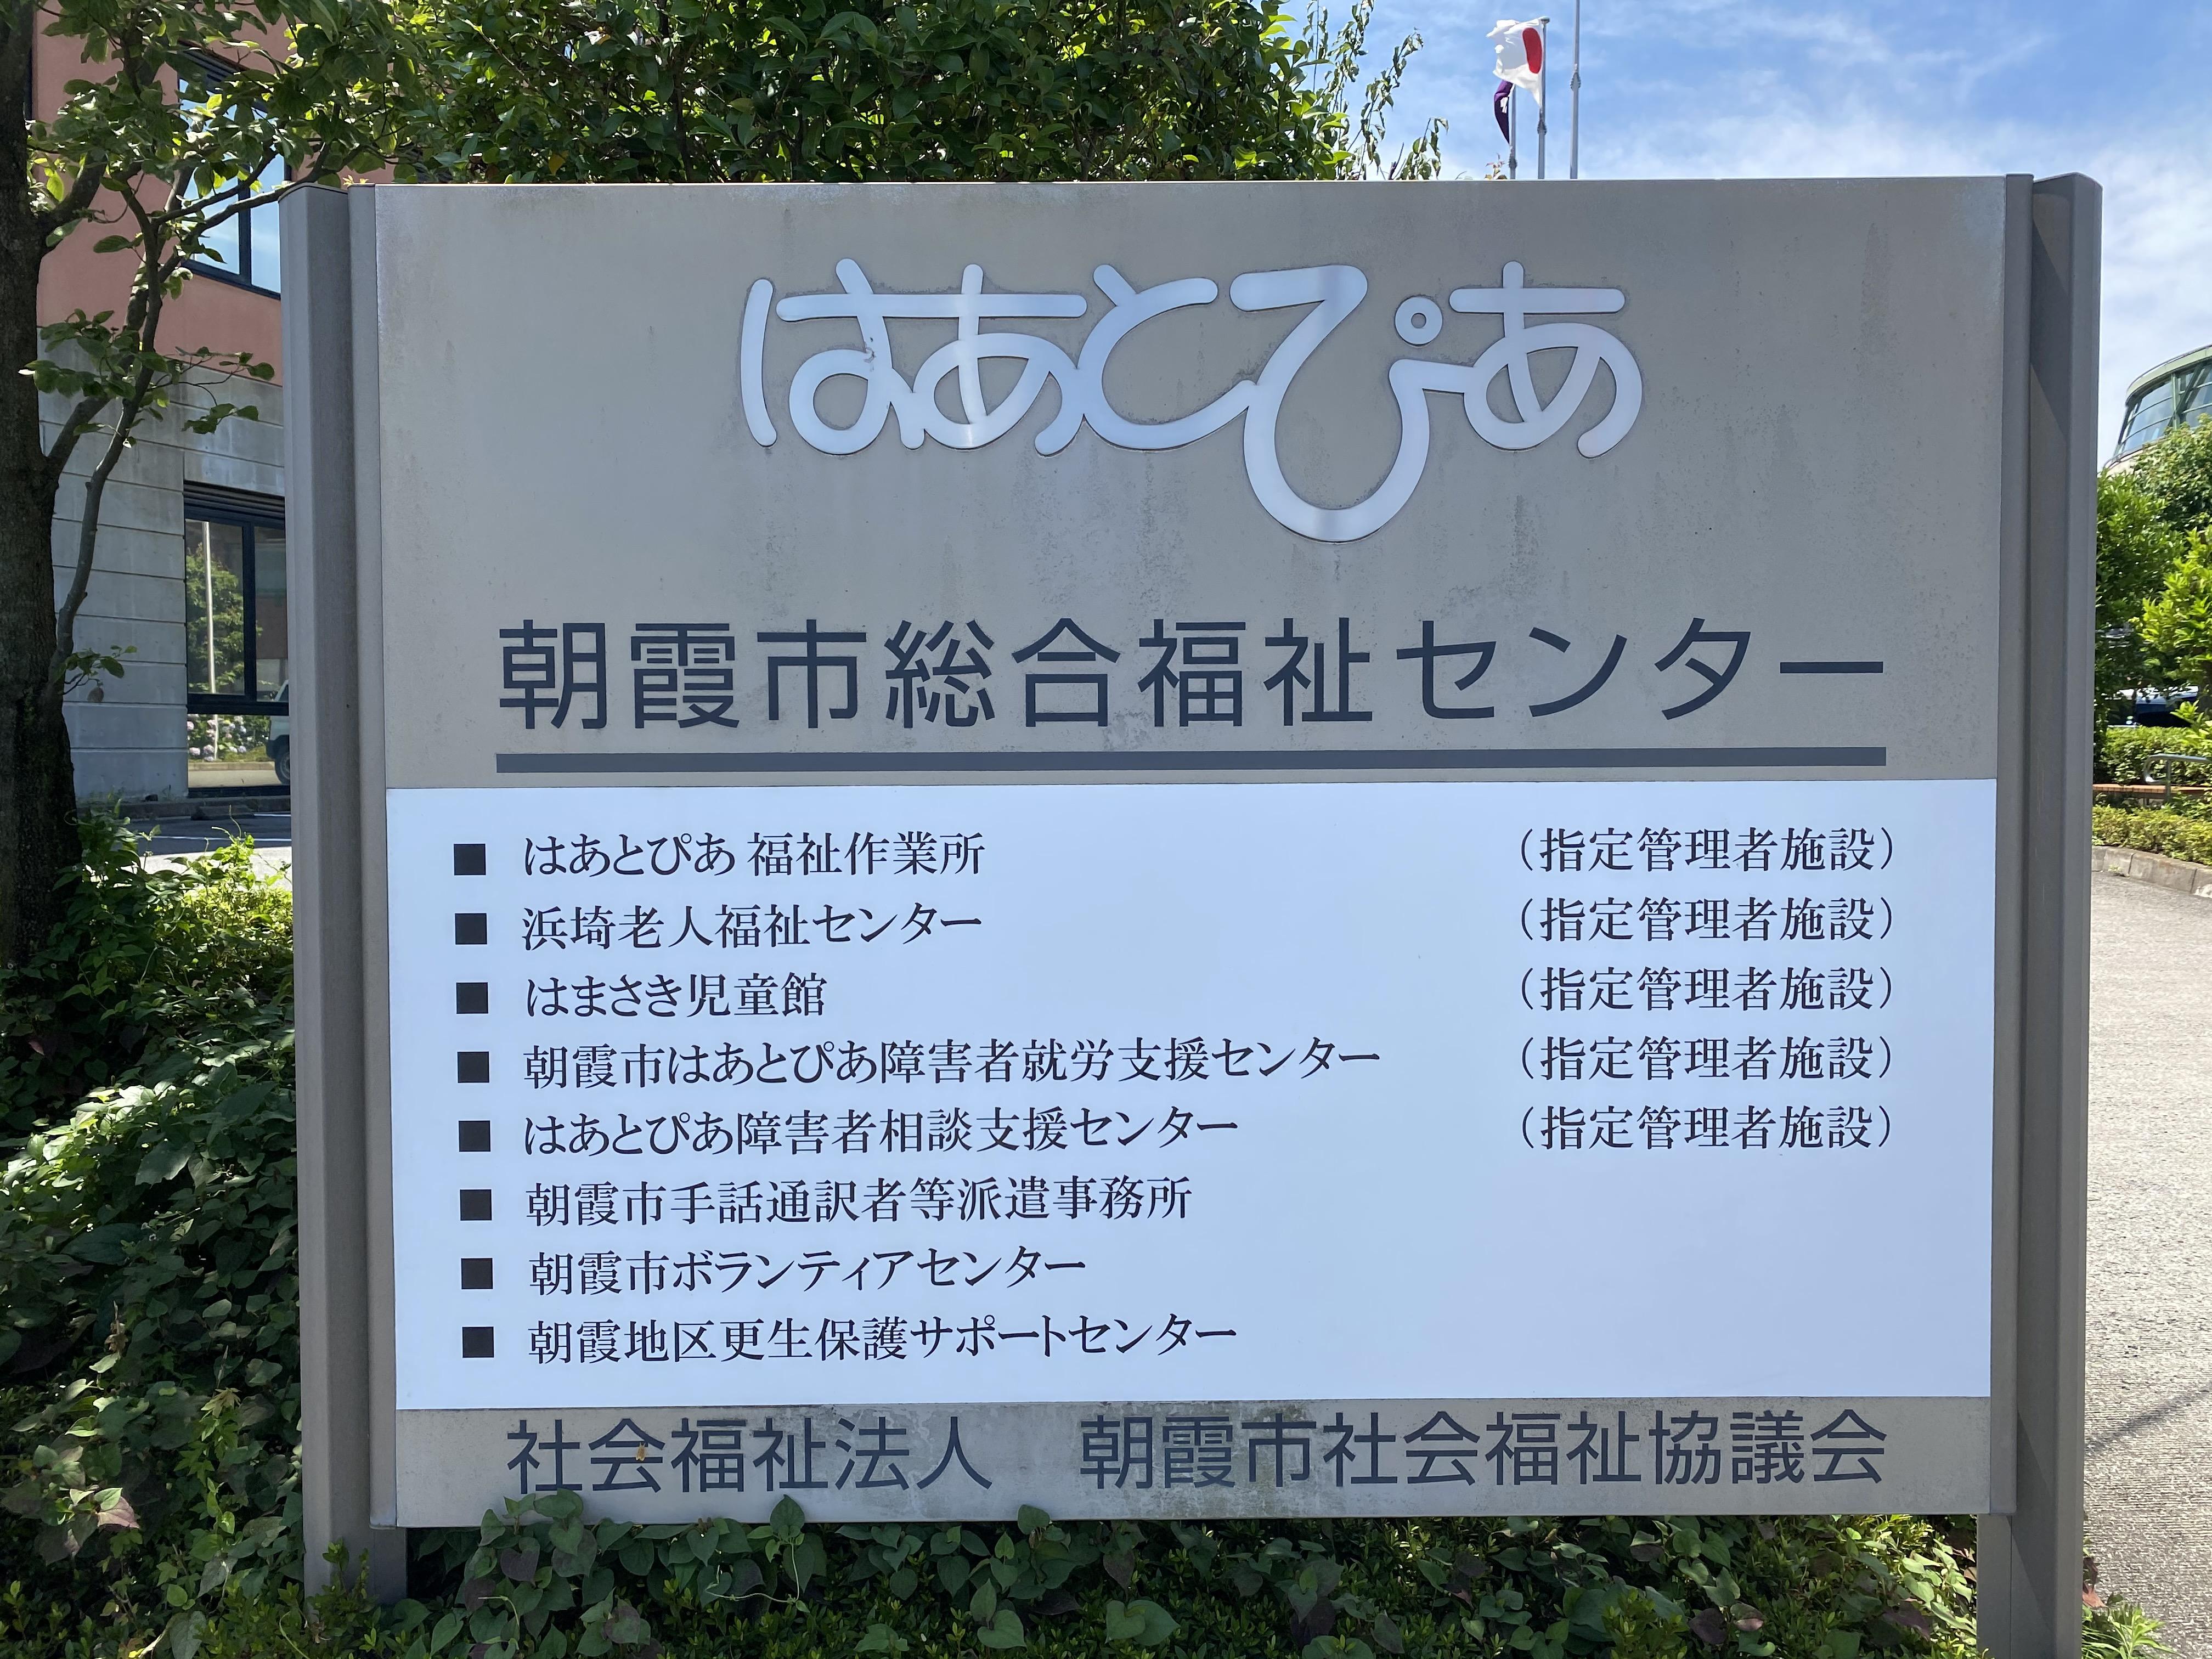 朝霞市総合福祉センター(はあとぴあ)